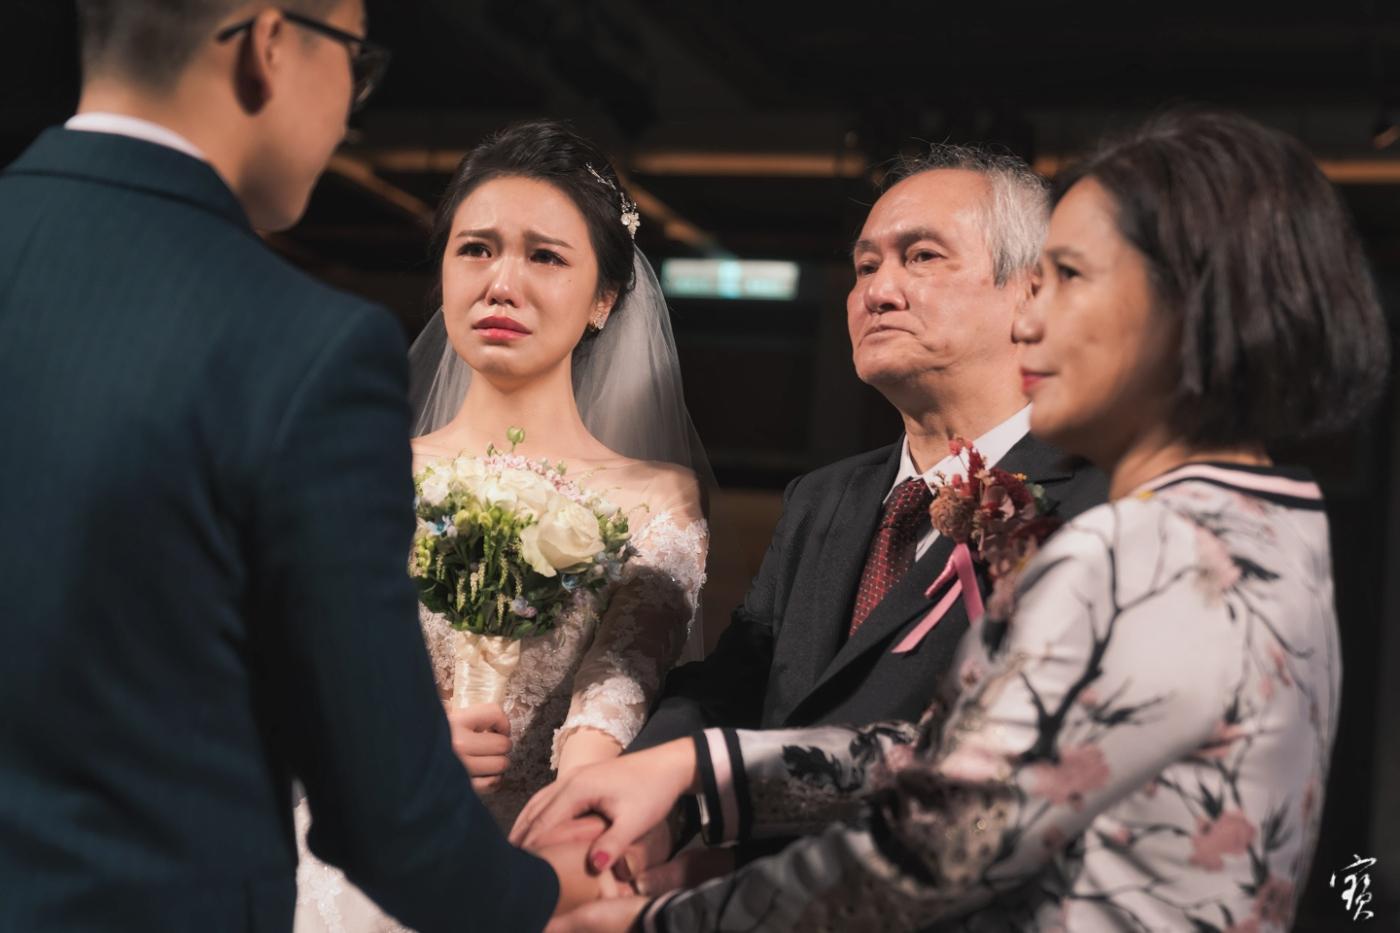 婚禮攝影 婚紗 大直 典華 冬半影像 攝影師大寶 北部攝影 台北攝影 桃園攝影 新竹攝影20181208-331